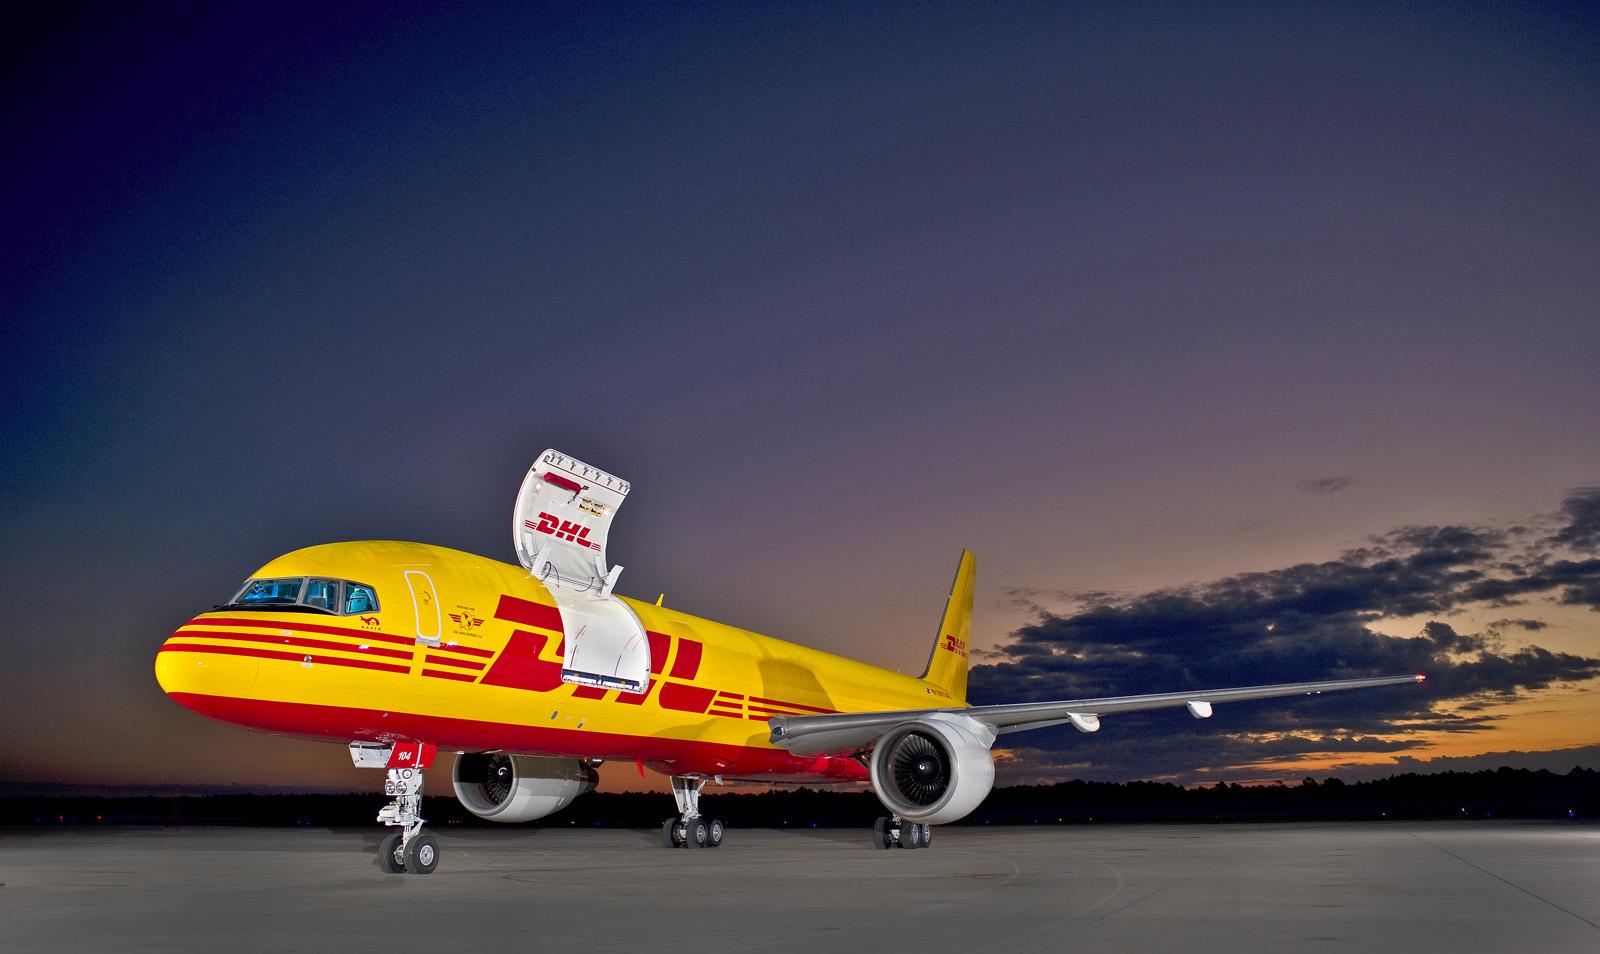 国际运输 国际快递 出国留学快递 国际快递 DHL国际快递 鹿跃国际快递 国际快递公司